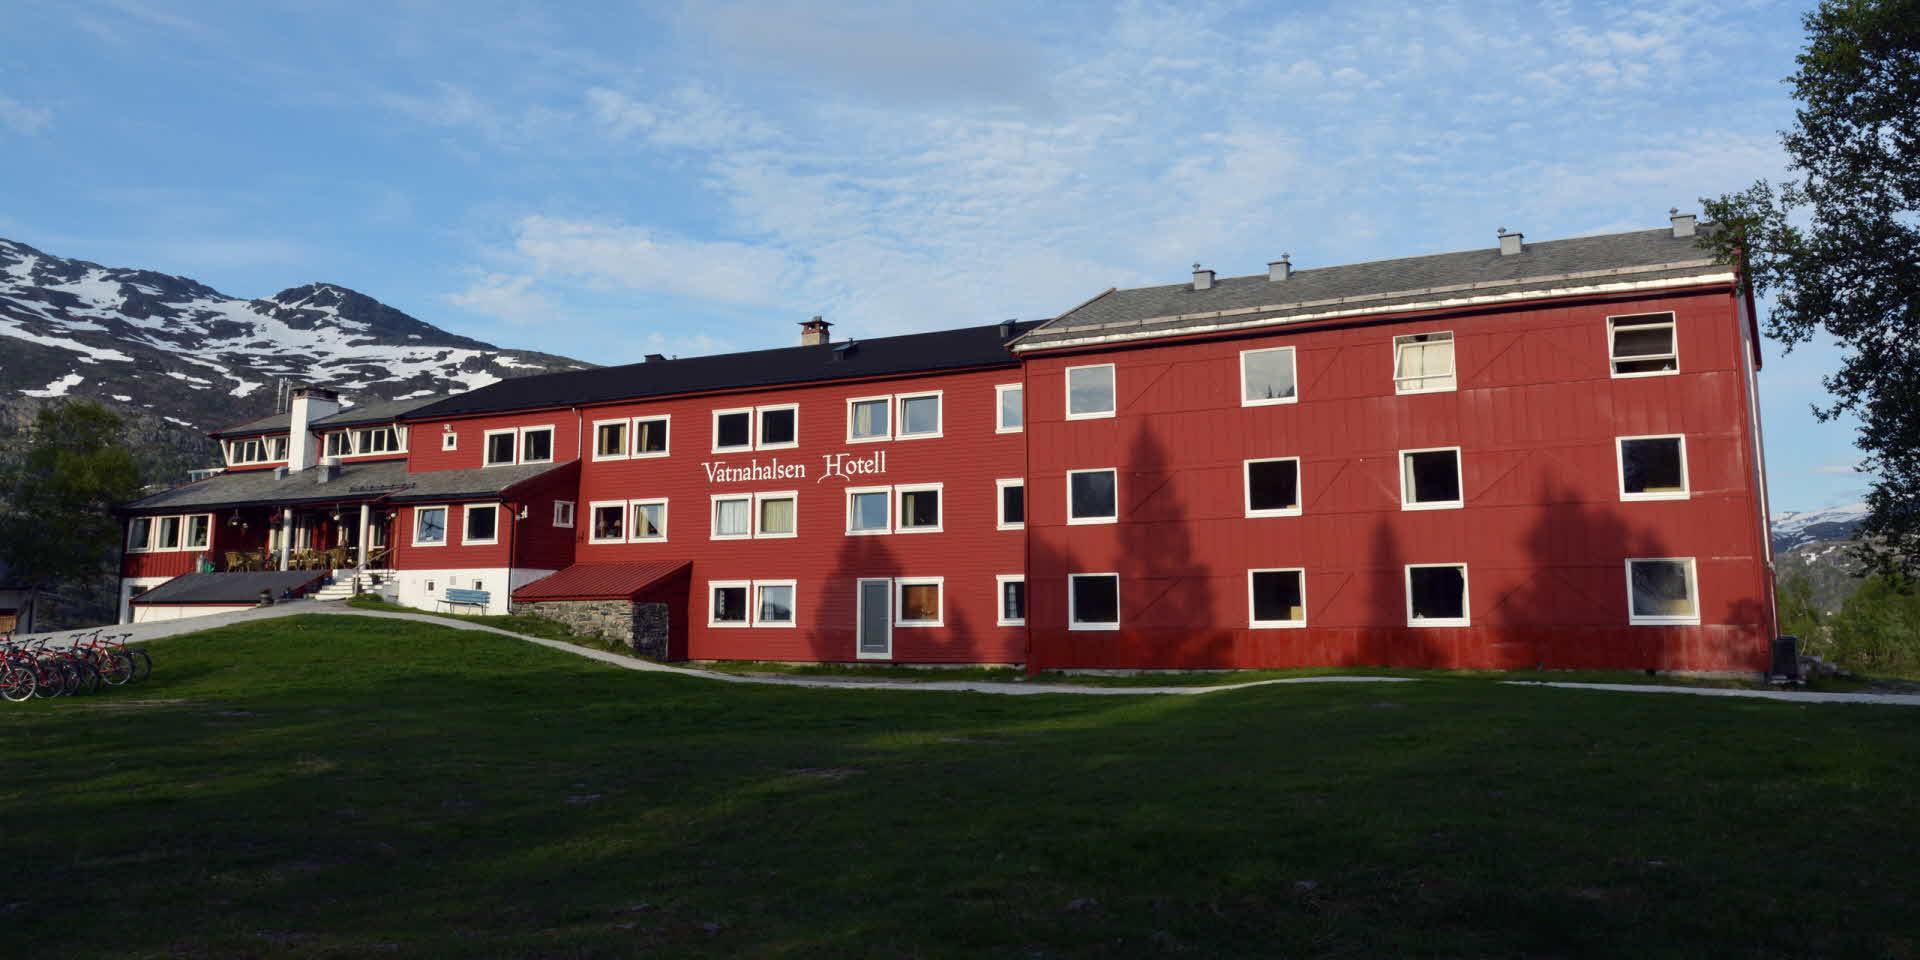 Vatnahalsen Hotel exterior in summer